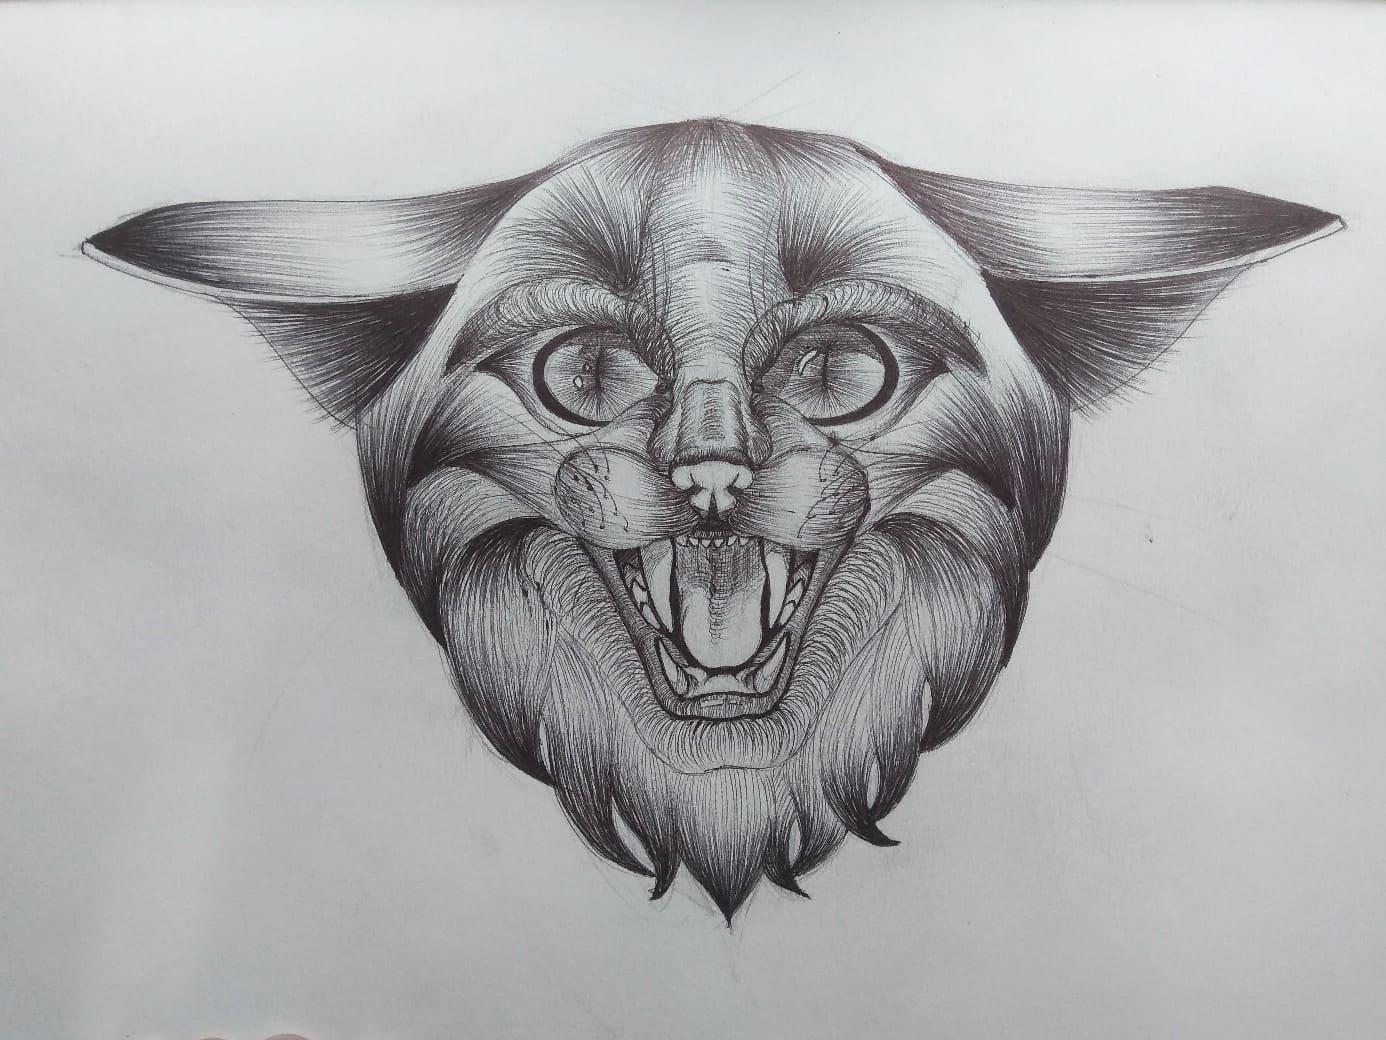 Кот. Эскизы тату (120 фото)20